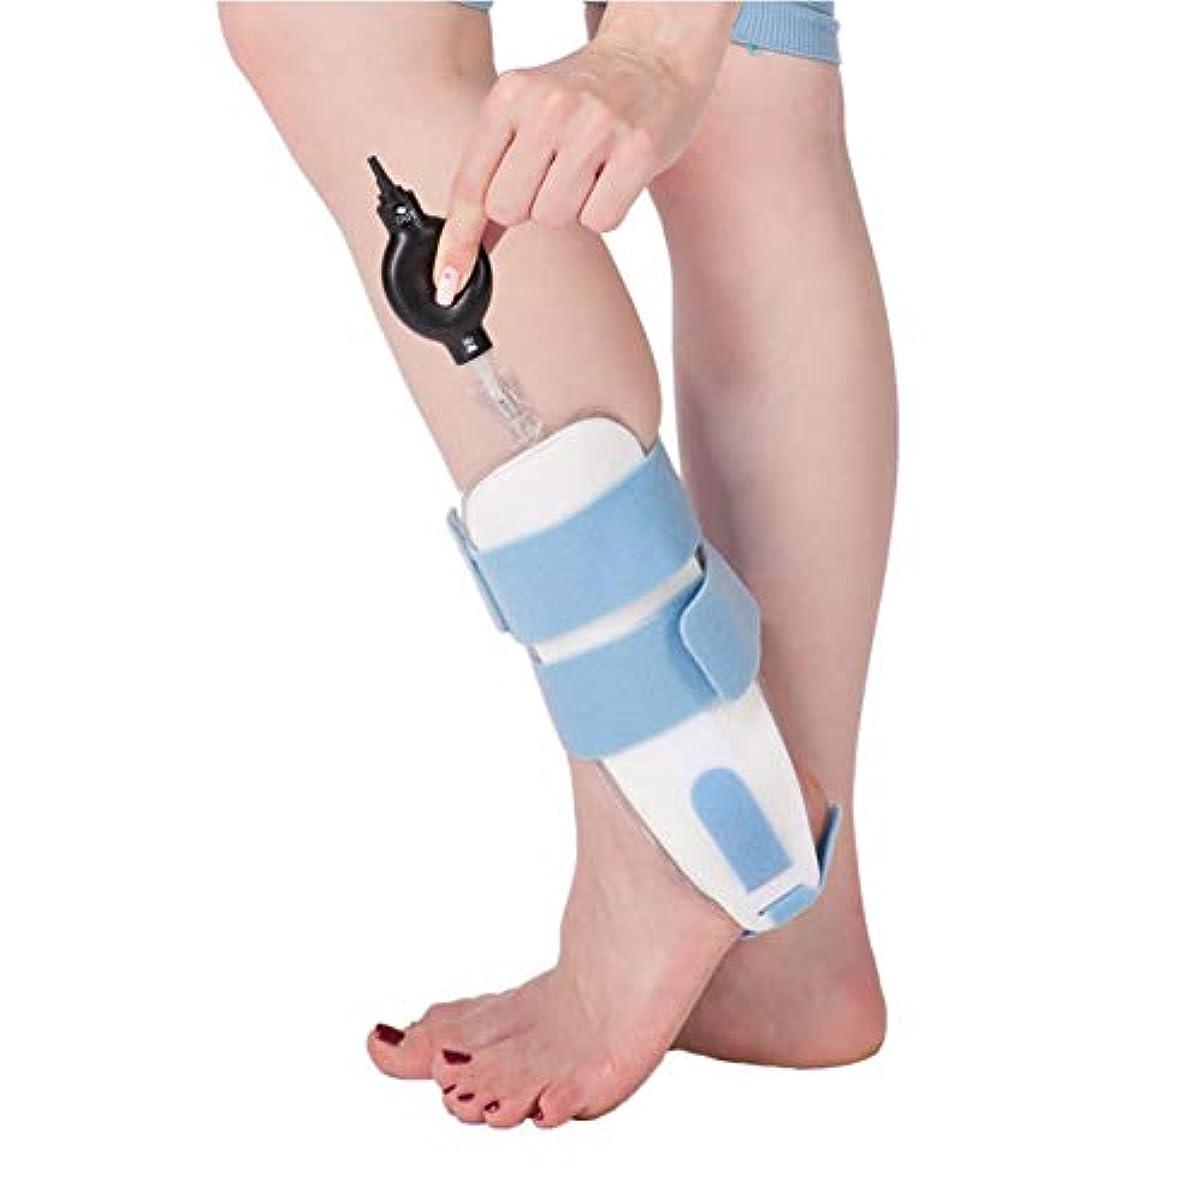 早める喜び美徳足首の装具の膨脹可能な足首の保護装置は石膏の足の捻rainの固定副木を取り替えることができます